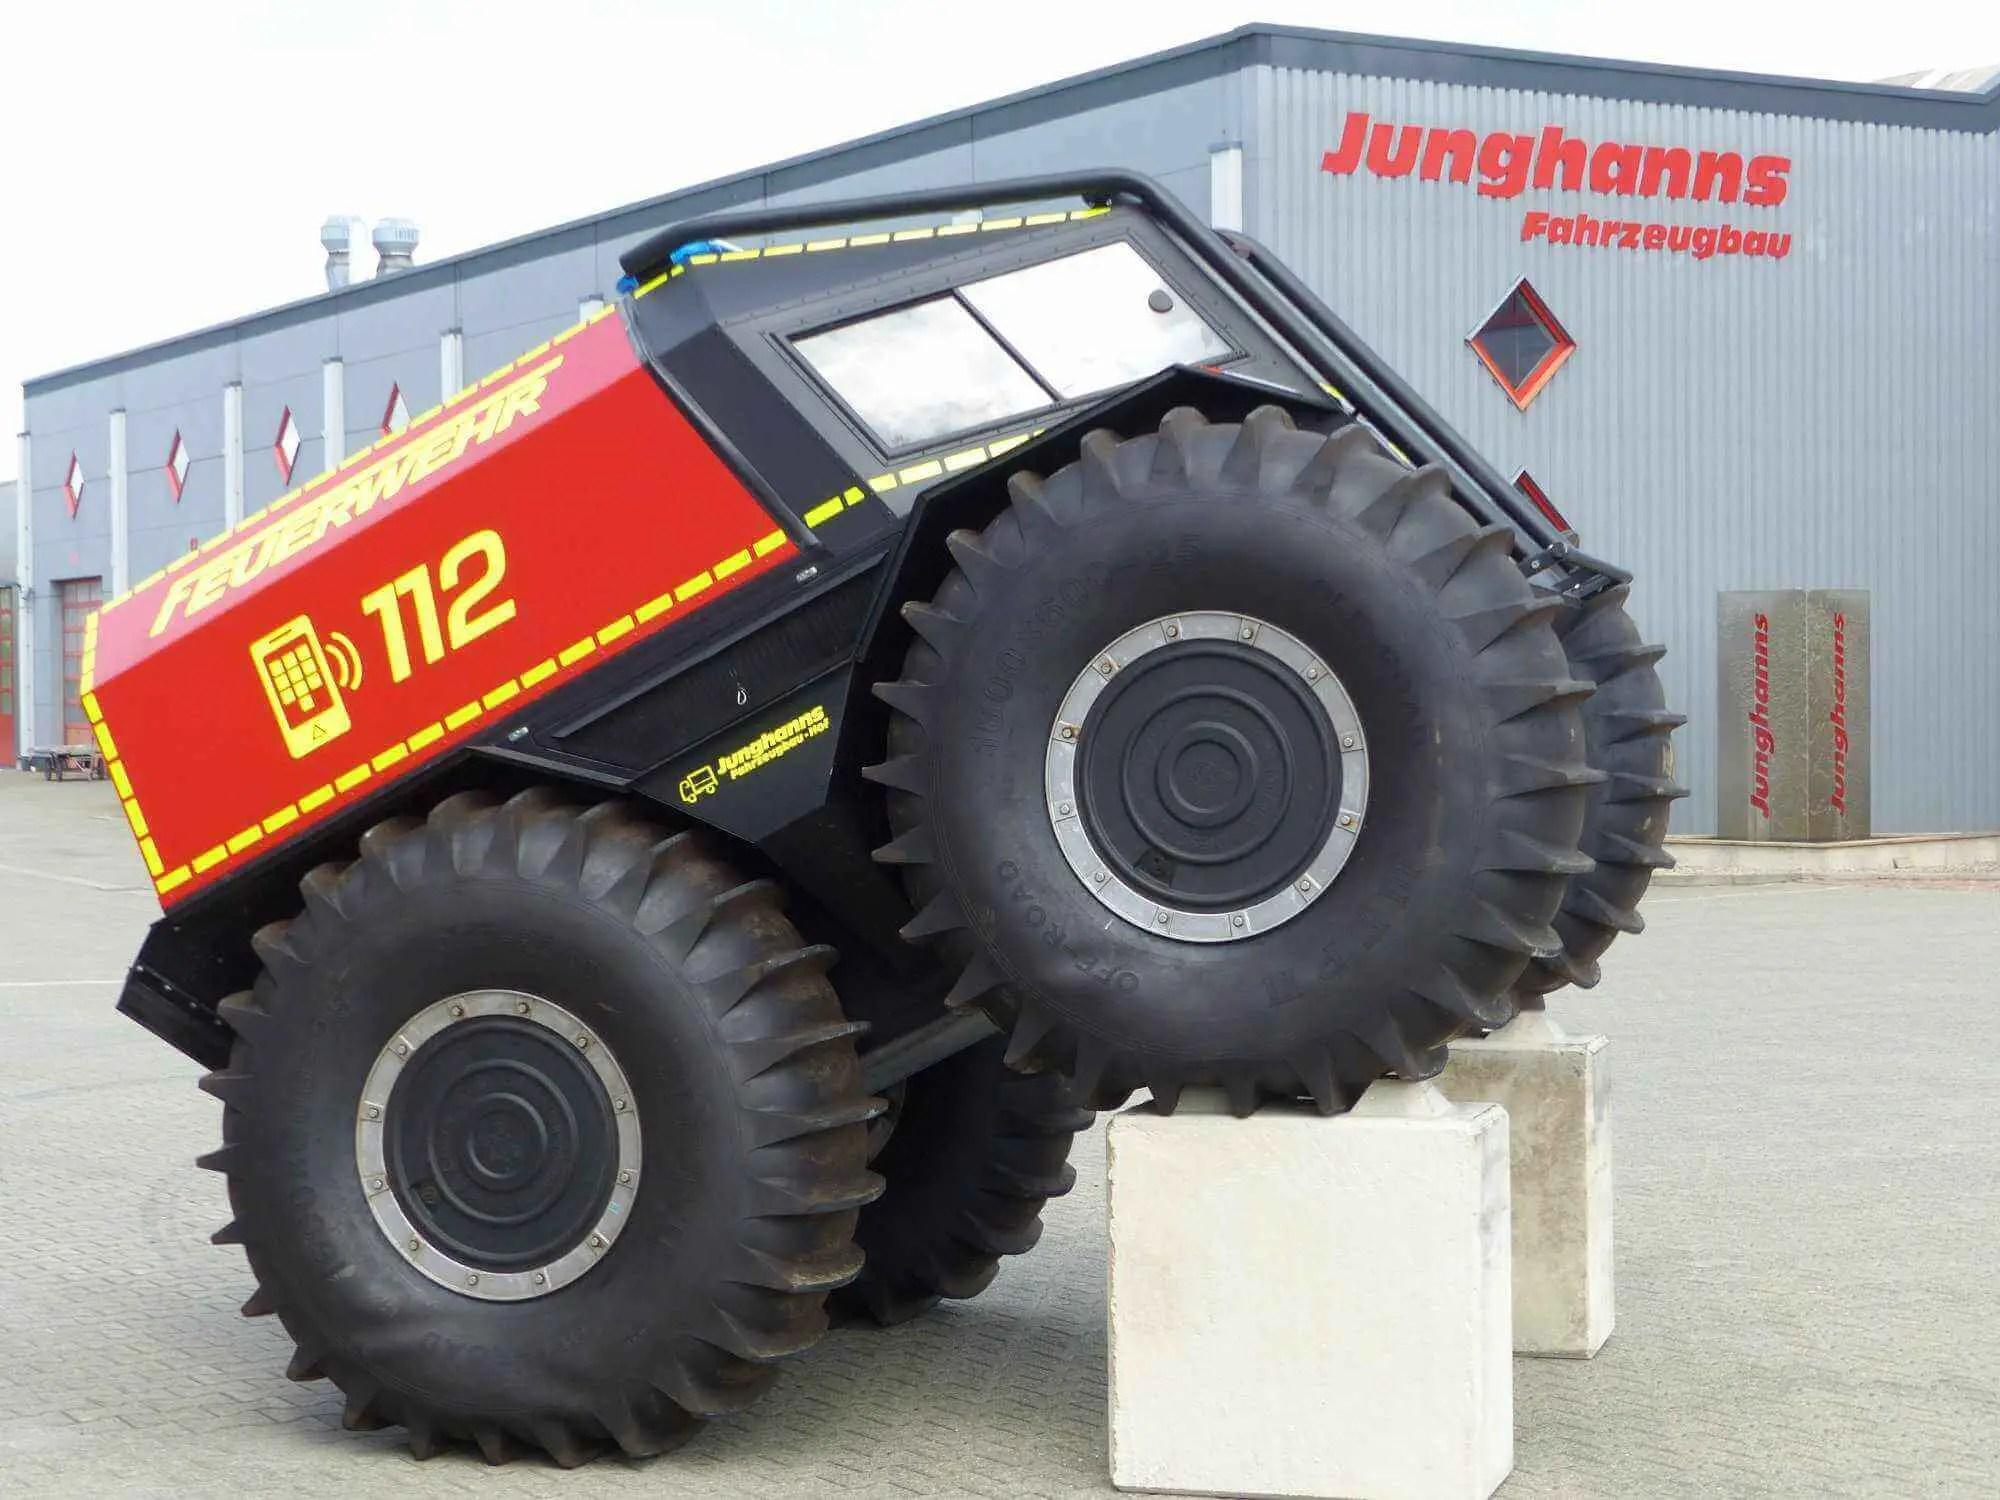 ATV Feuerwehr-Fahrzeug von Junghanns